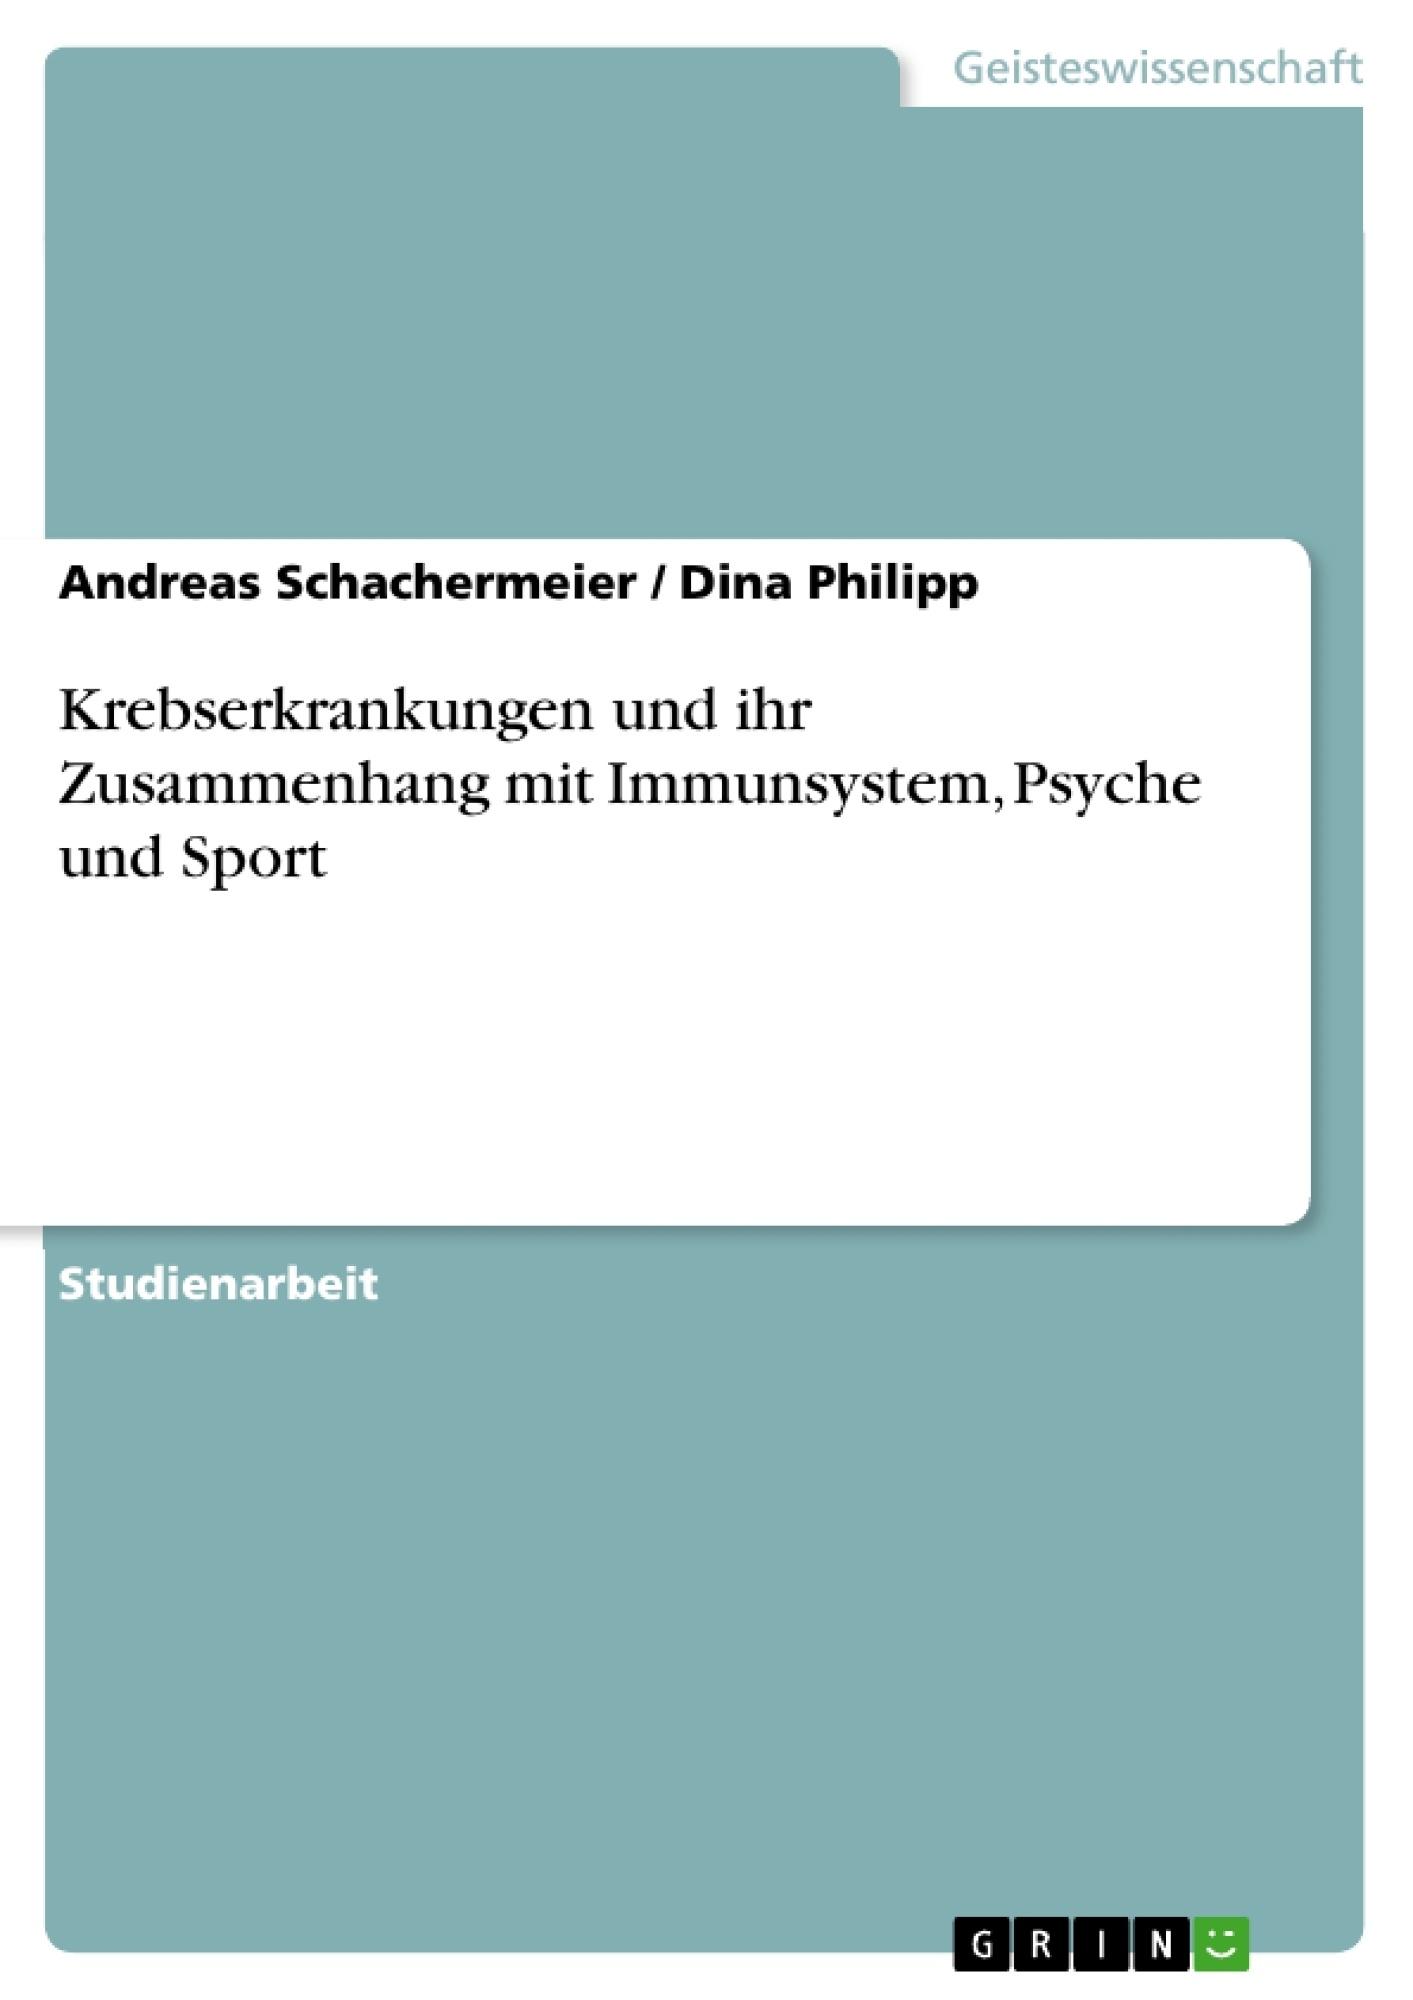 Titel: Krebserkrankungen und ihr Zusammenhang mit Immunsystem, Psyche und Sport